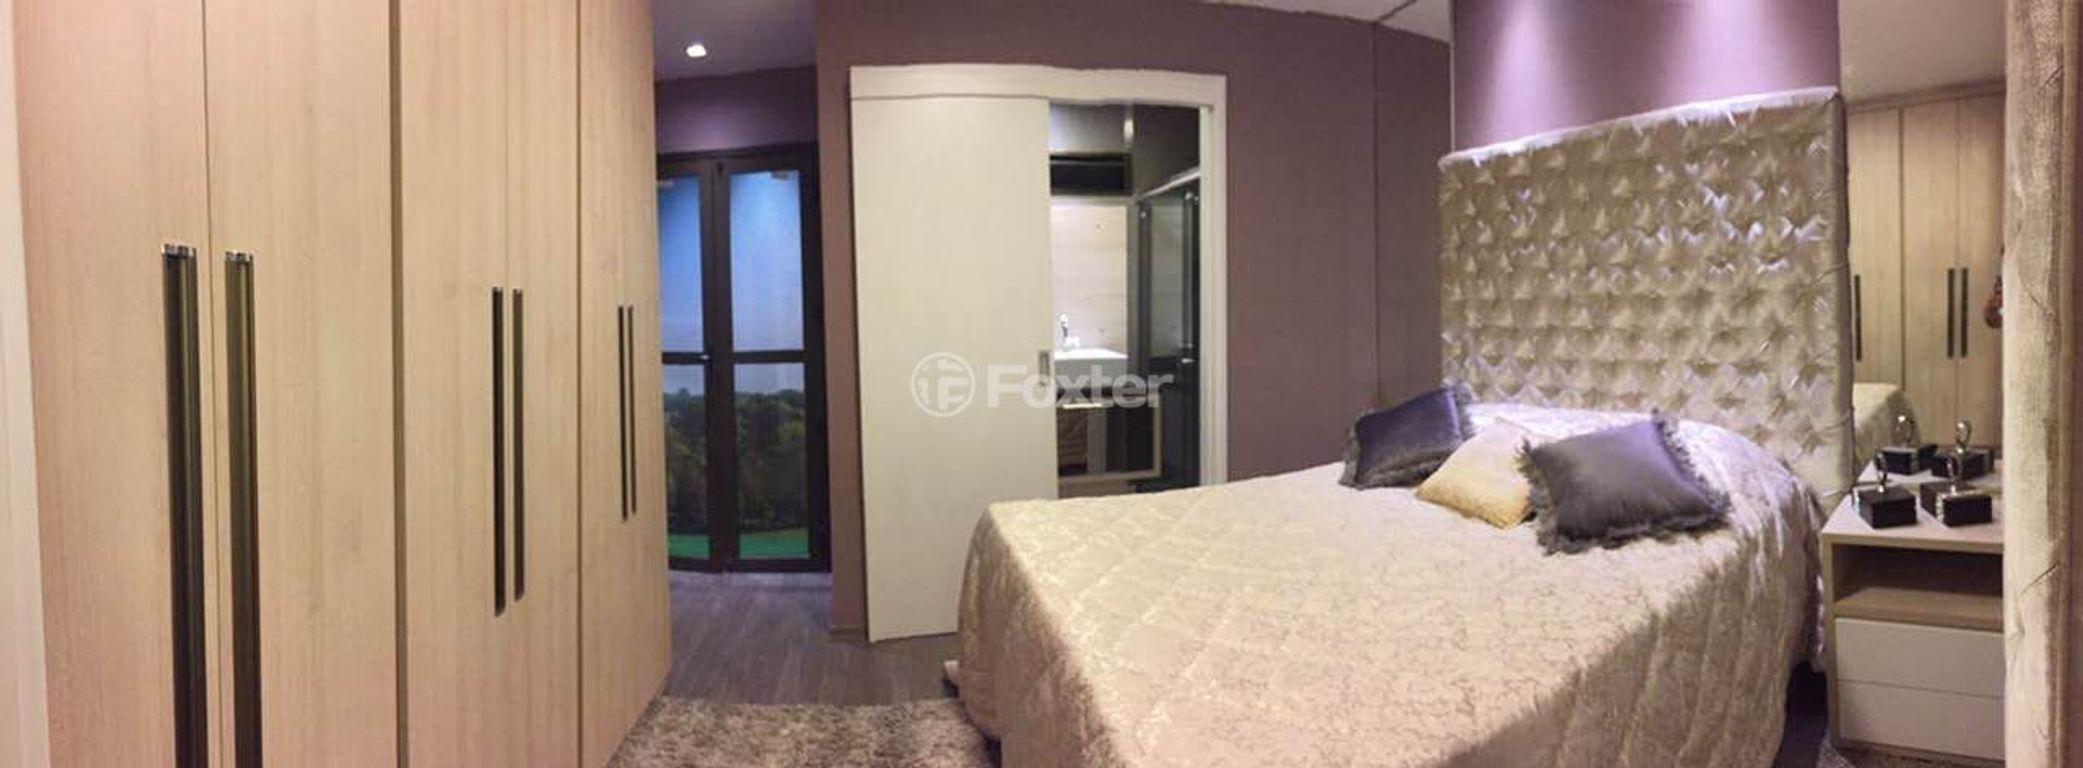 Casa 3 Dorm, Cristal, Porto Alegre (123594) - Foto 15